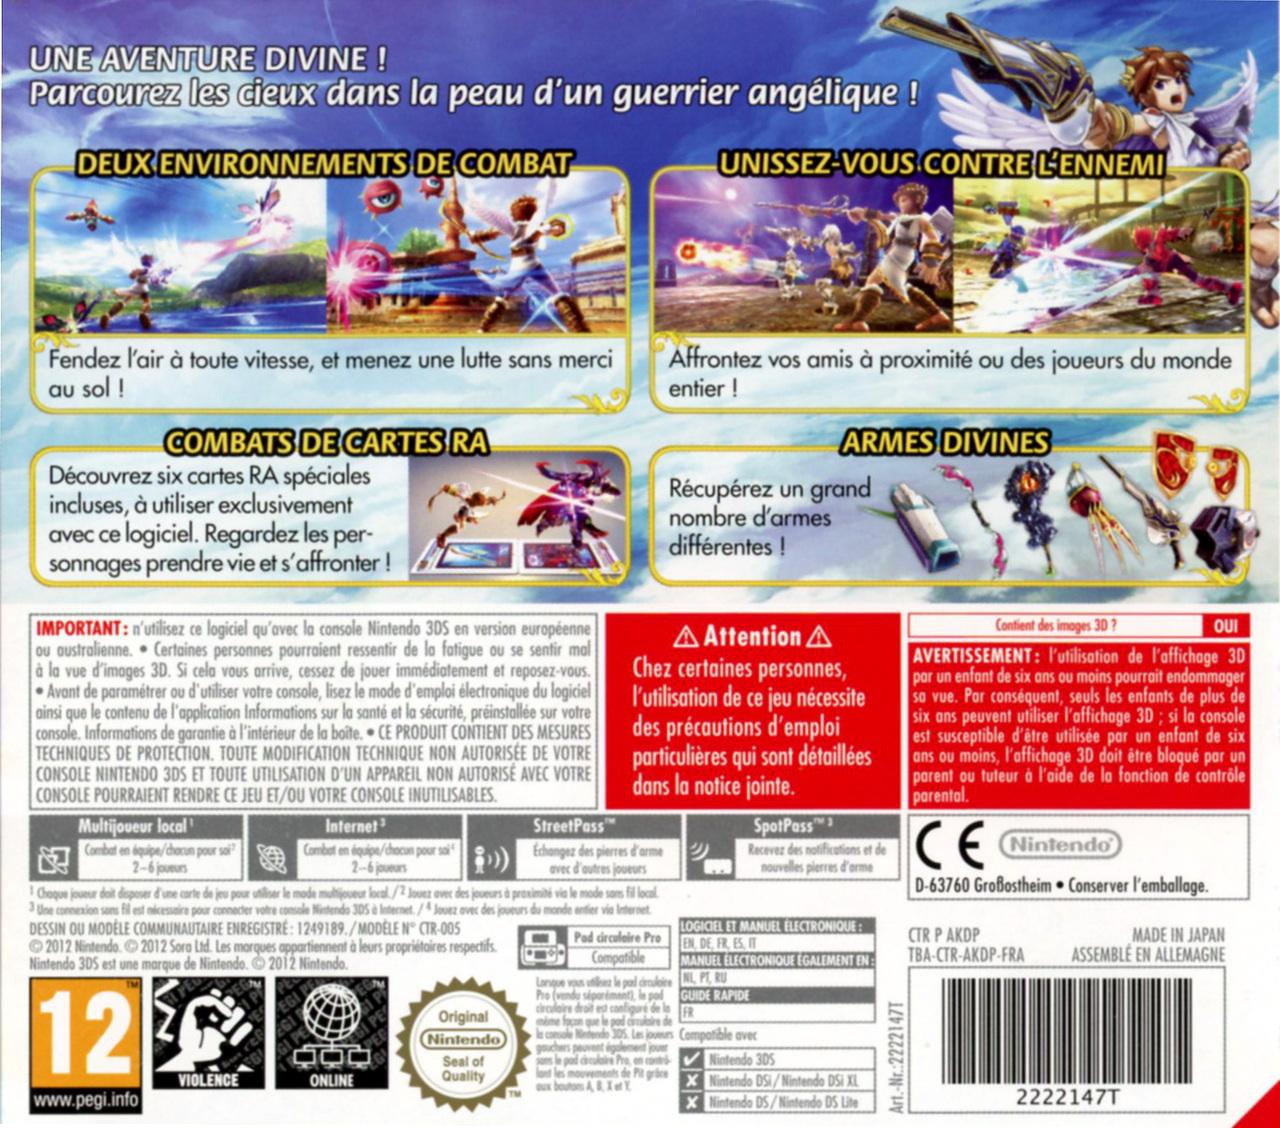 jeuxvideo.com Kid Icarus Uprising - Nintendo 3DS Image 2 sur 275